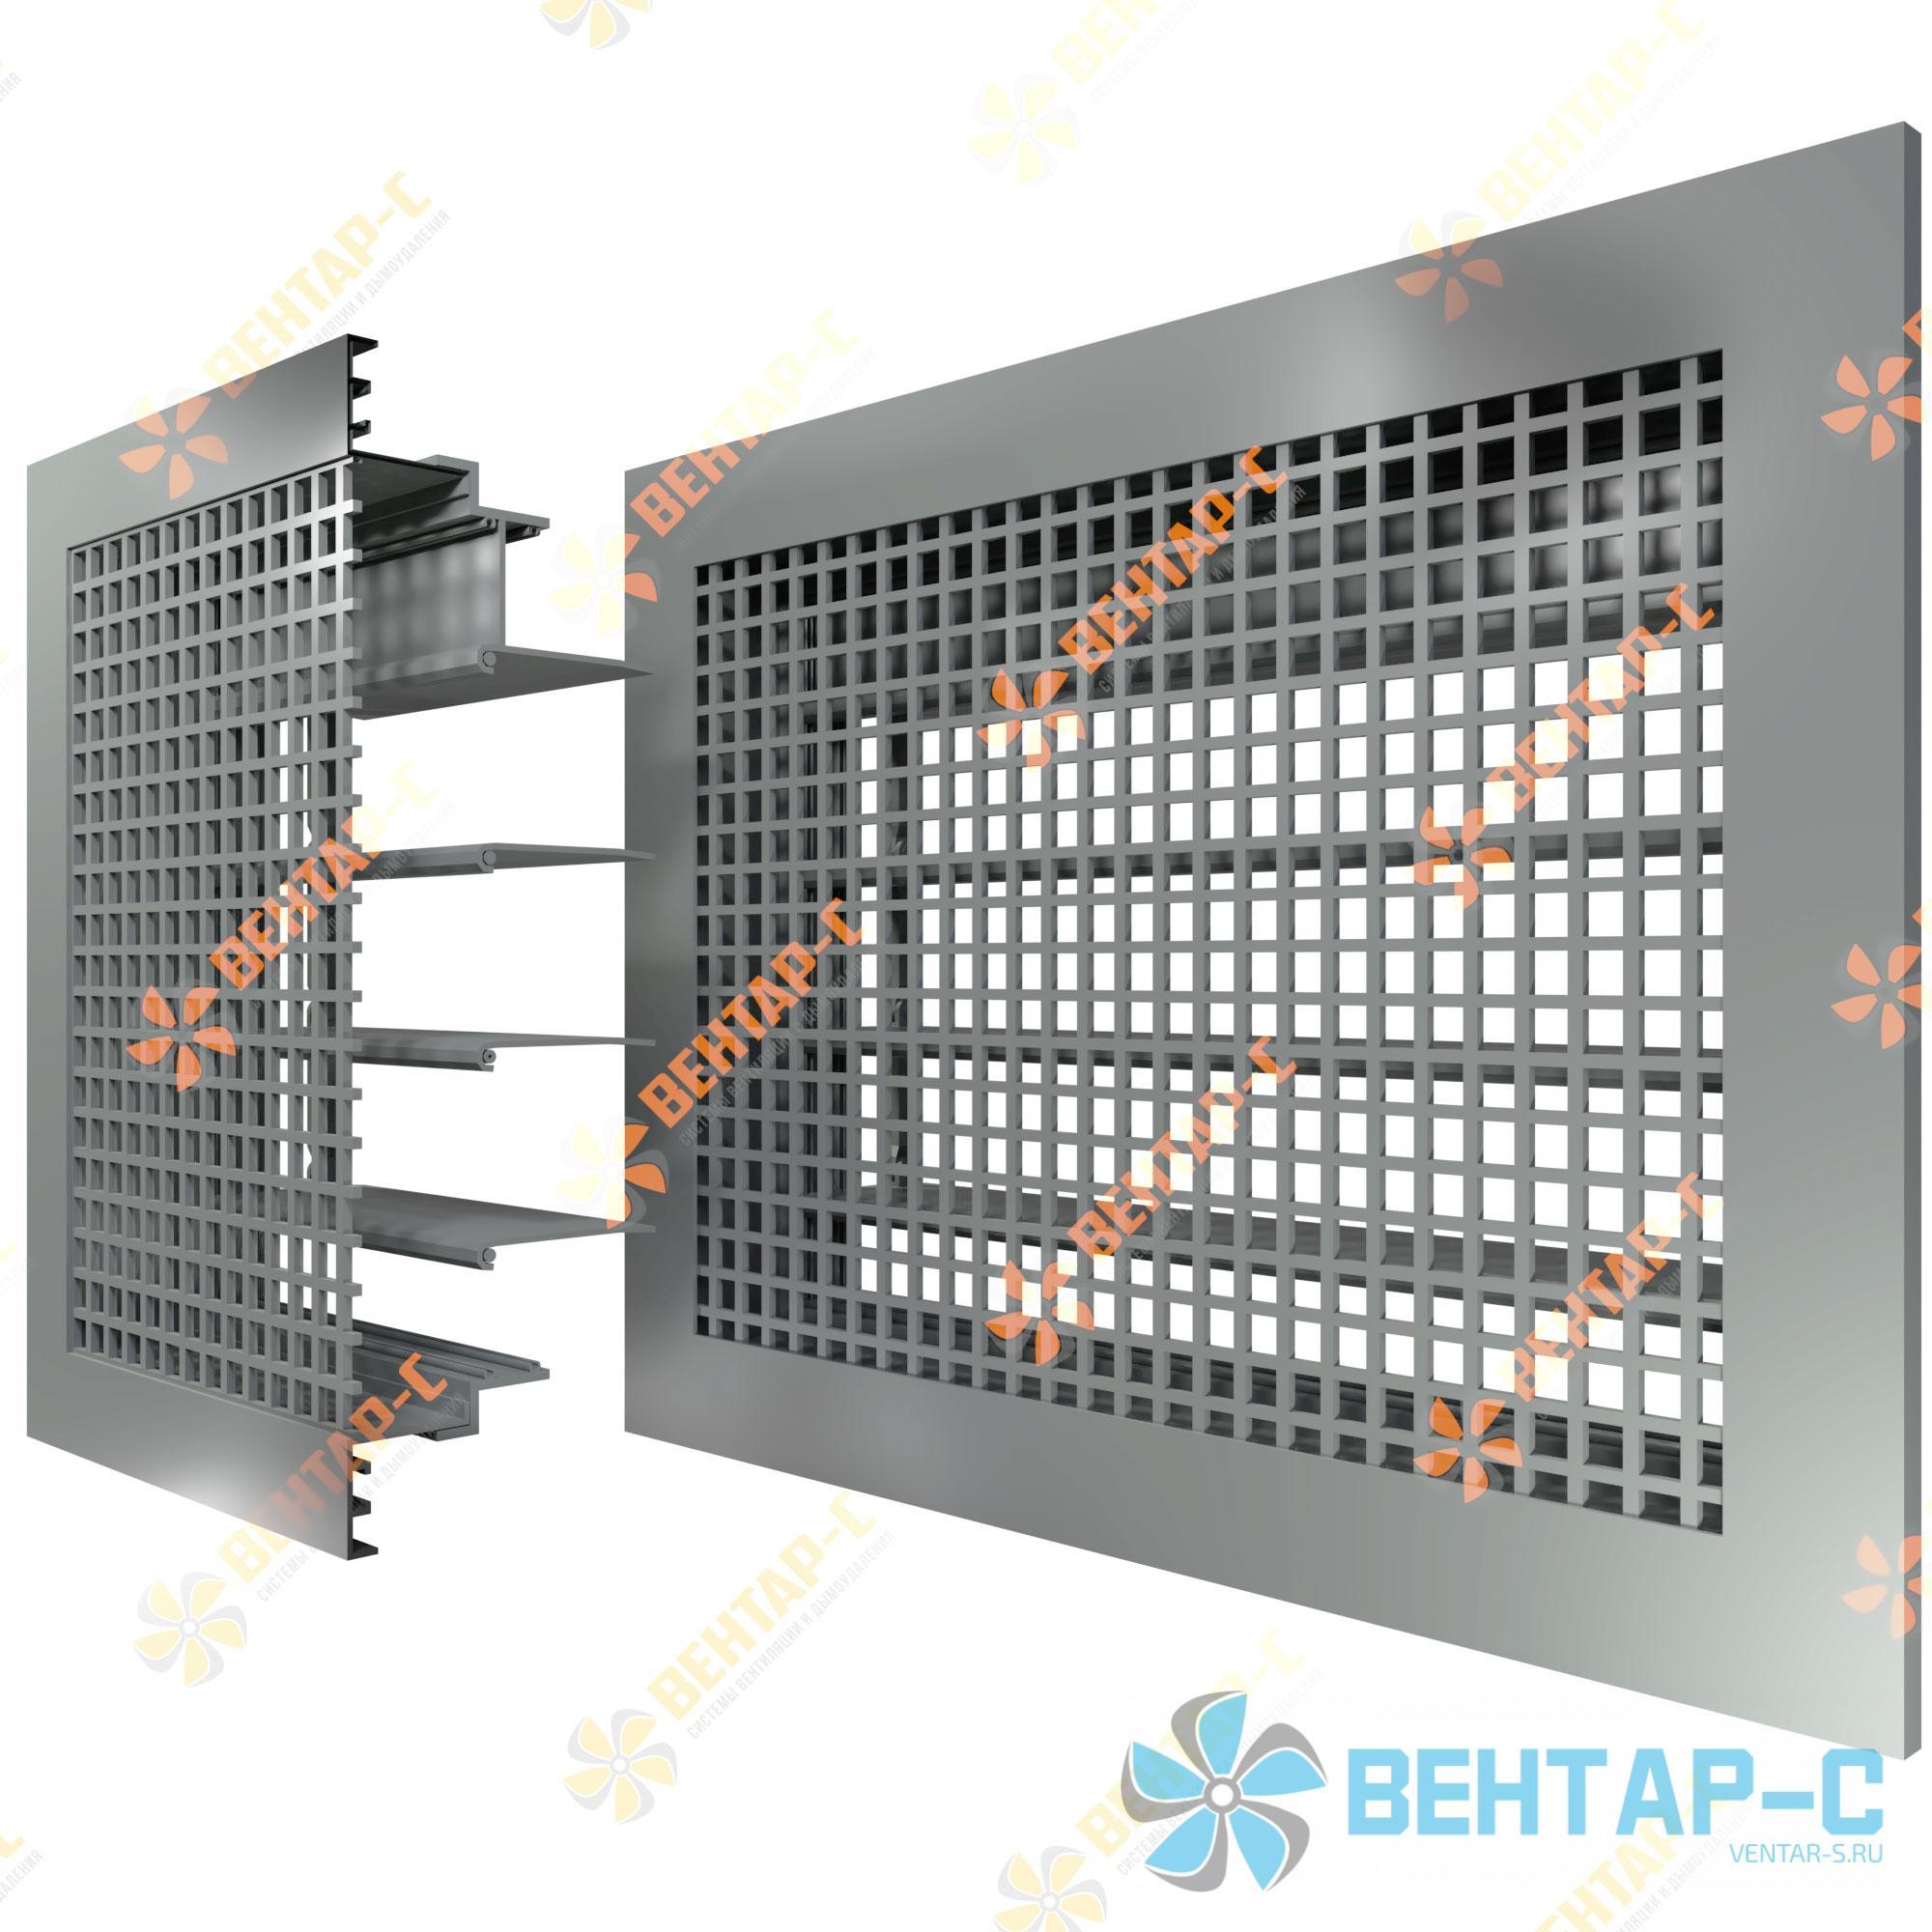 Потолочная ячеистая вентиляционная решетка 4ЯРАБ с блоком регулировки воздуха